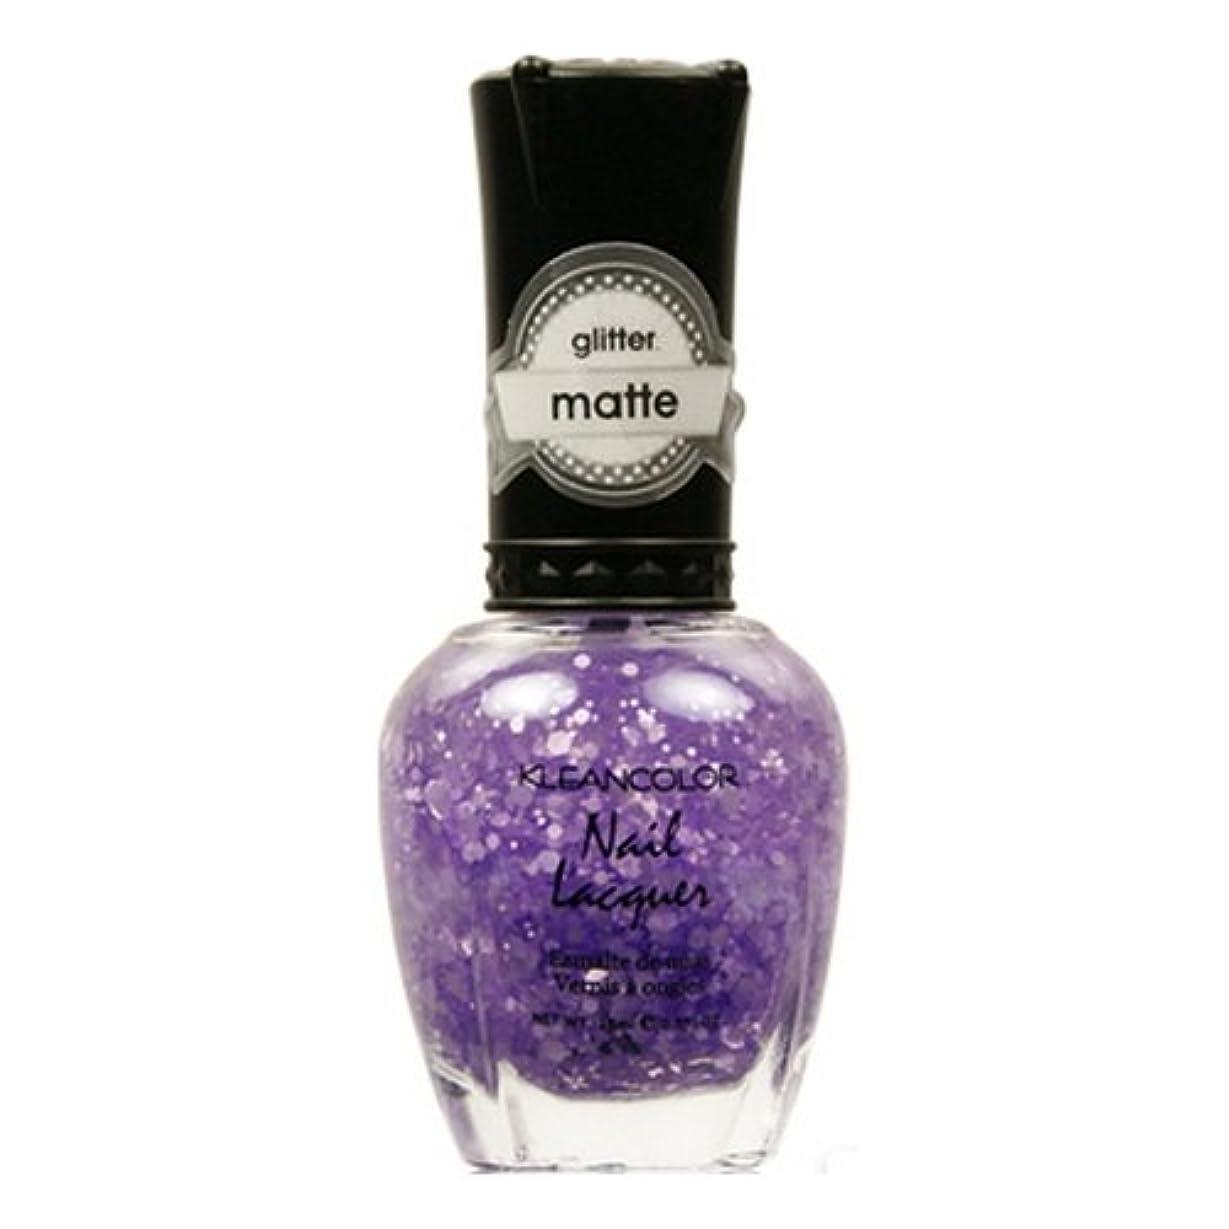 時々ドライバ悔い改めKLEANCOLOR Glitter Matte Nail Lacquer - Playful Lavender (並行輸入品)